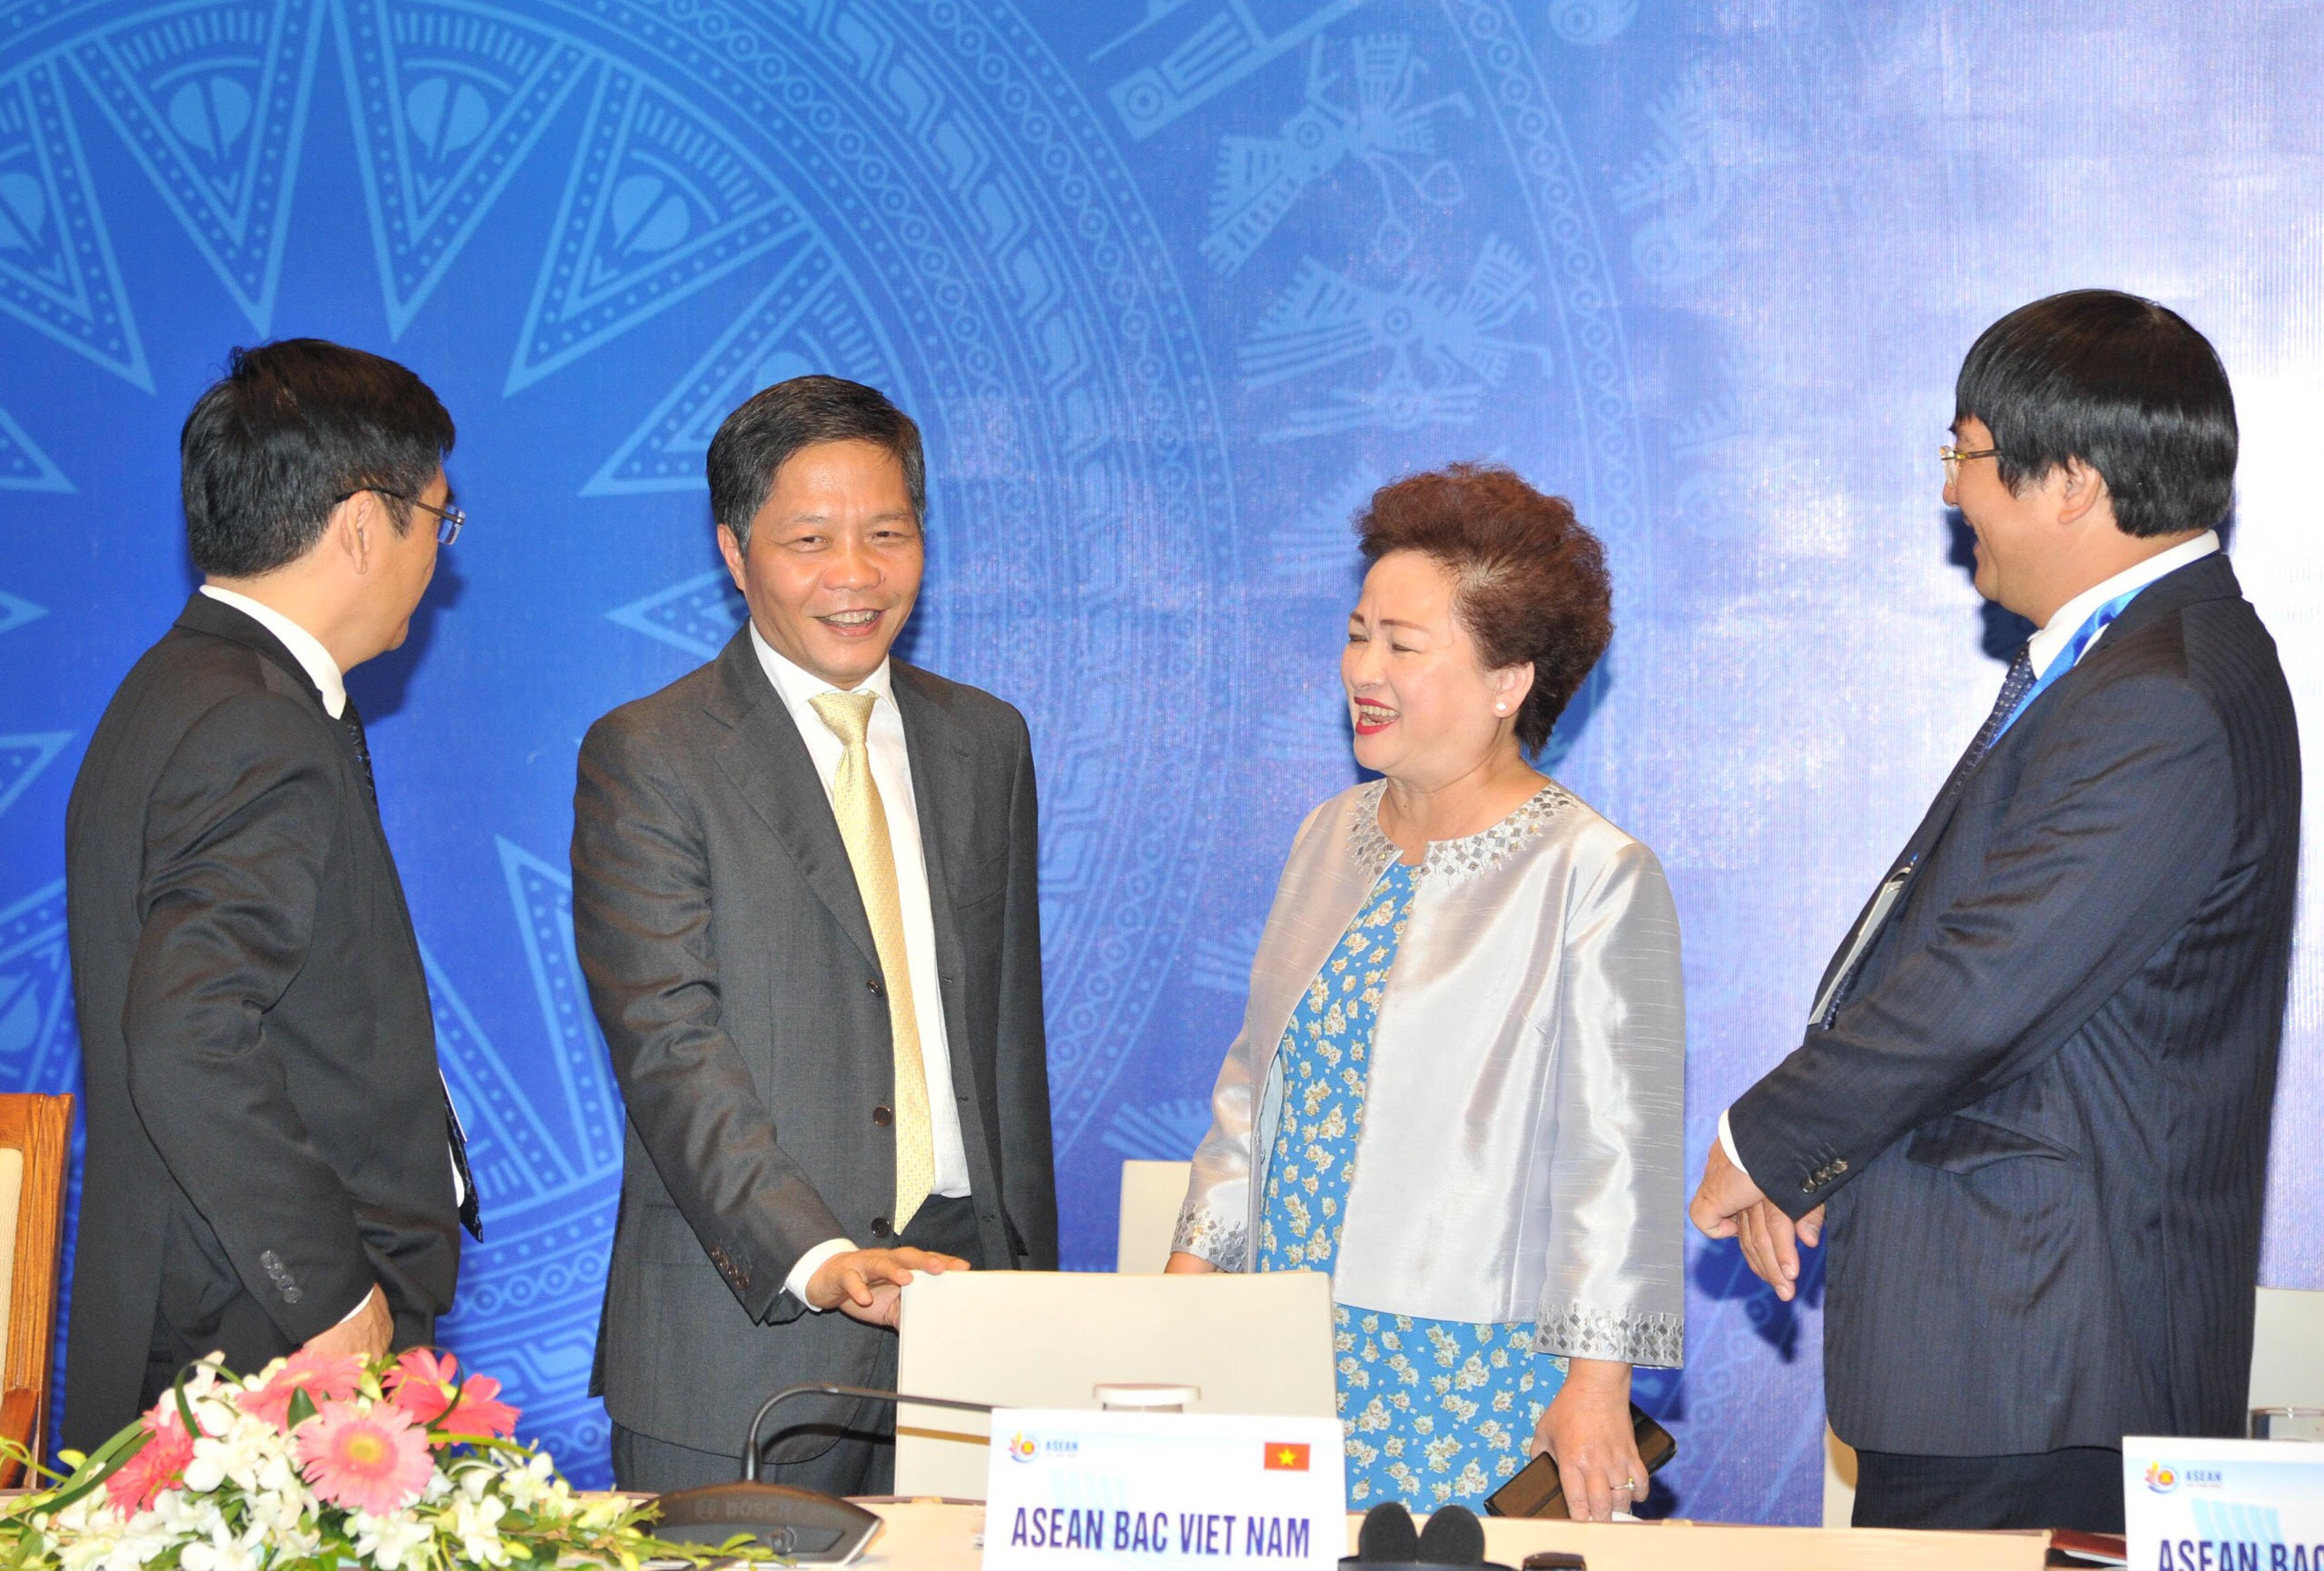 ASEAN tăng cường phối hợp ứng phó với tác động của dịch COVID-19